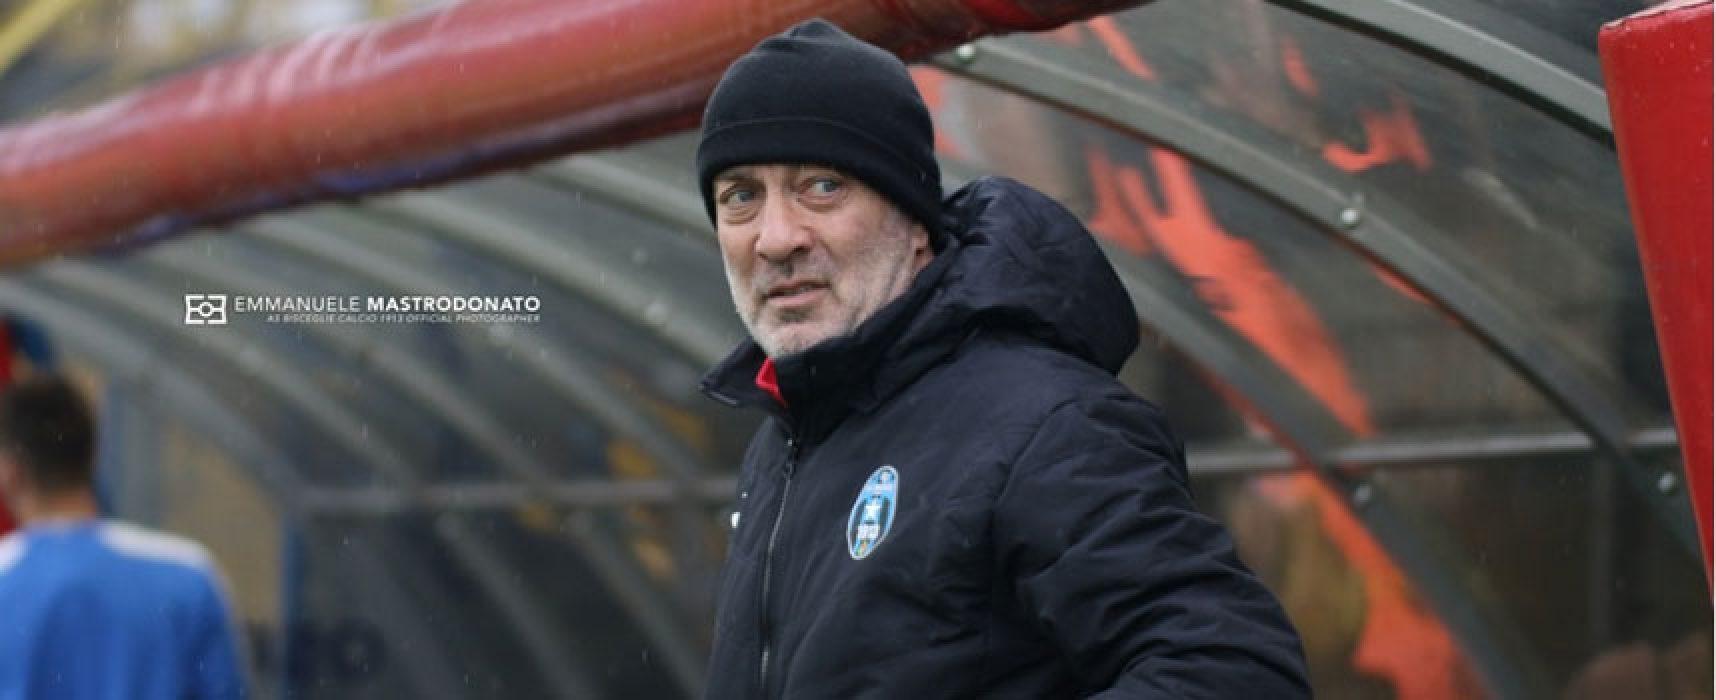 """Bisceglie calcio, parla Alberga: """"Ripartiamo da uomini come capitan Petta"""""""